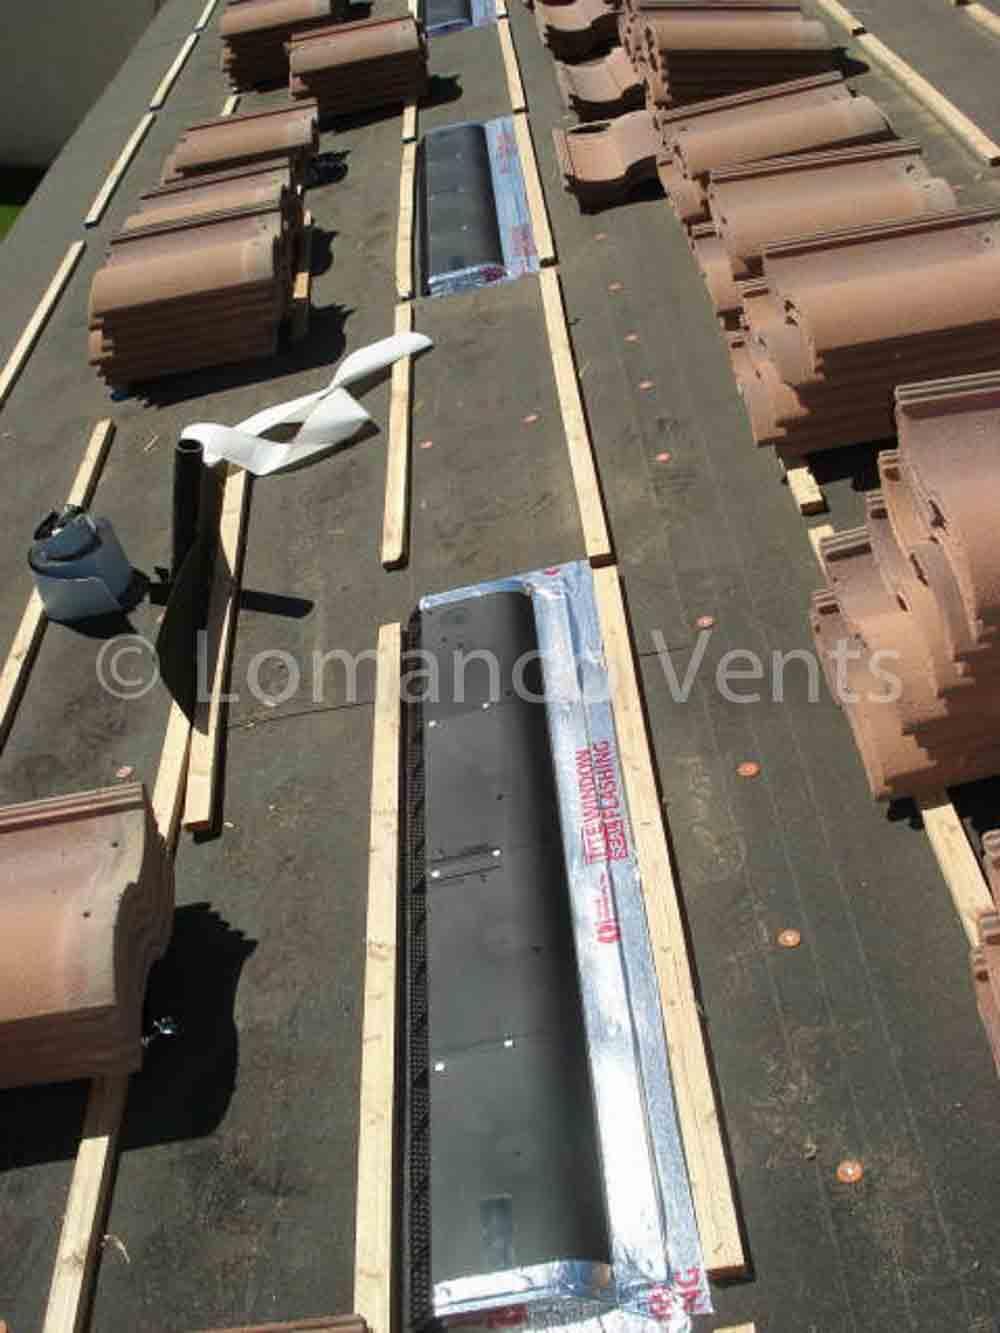 Lomanco Vents Tileintake Iv9